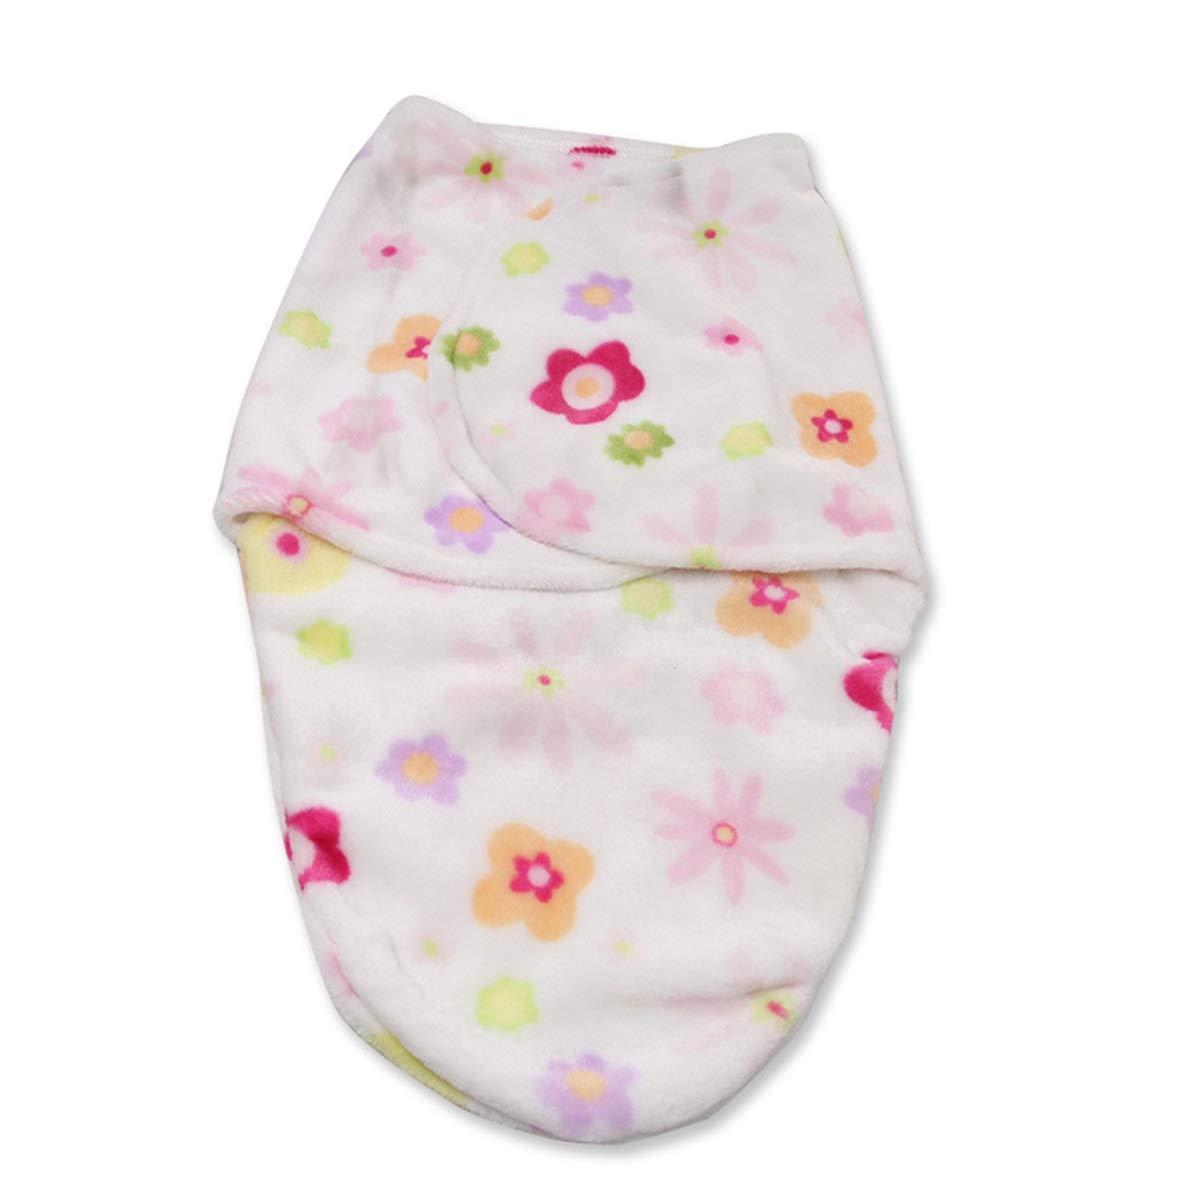 ソフトフランネルベルベットベビーブランケット 新生児用おくるみラップ寝袋 暖かいベビーベッドブランケット 0~6か月用 (カラー:マルチカラーフローリング)   B07MW51QN7